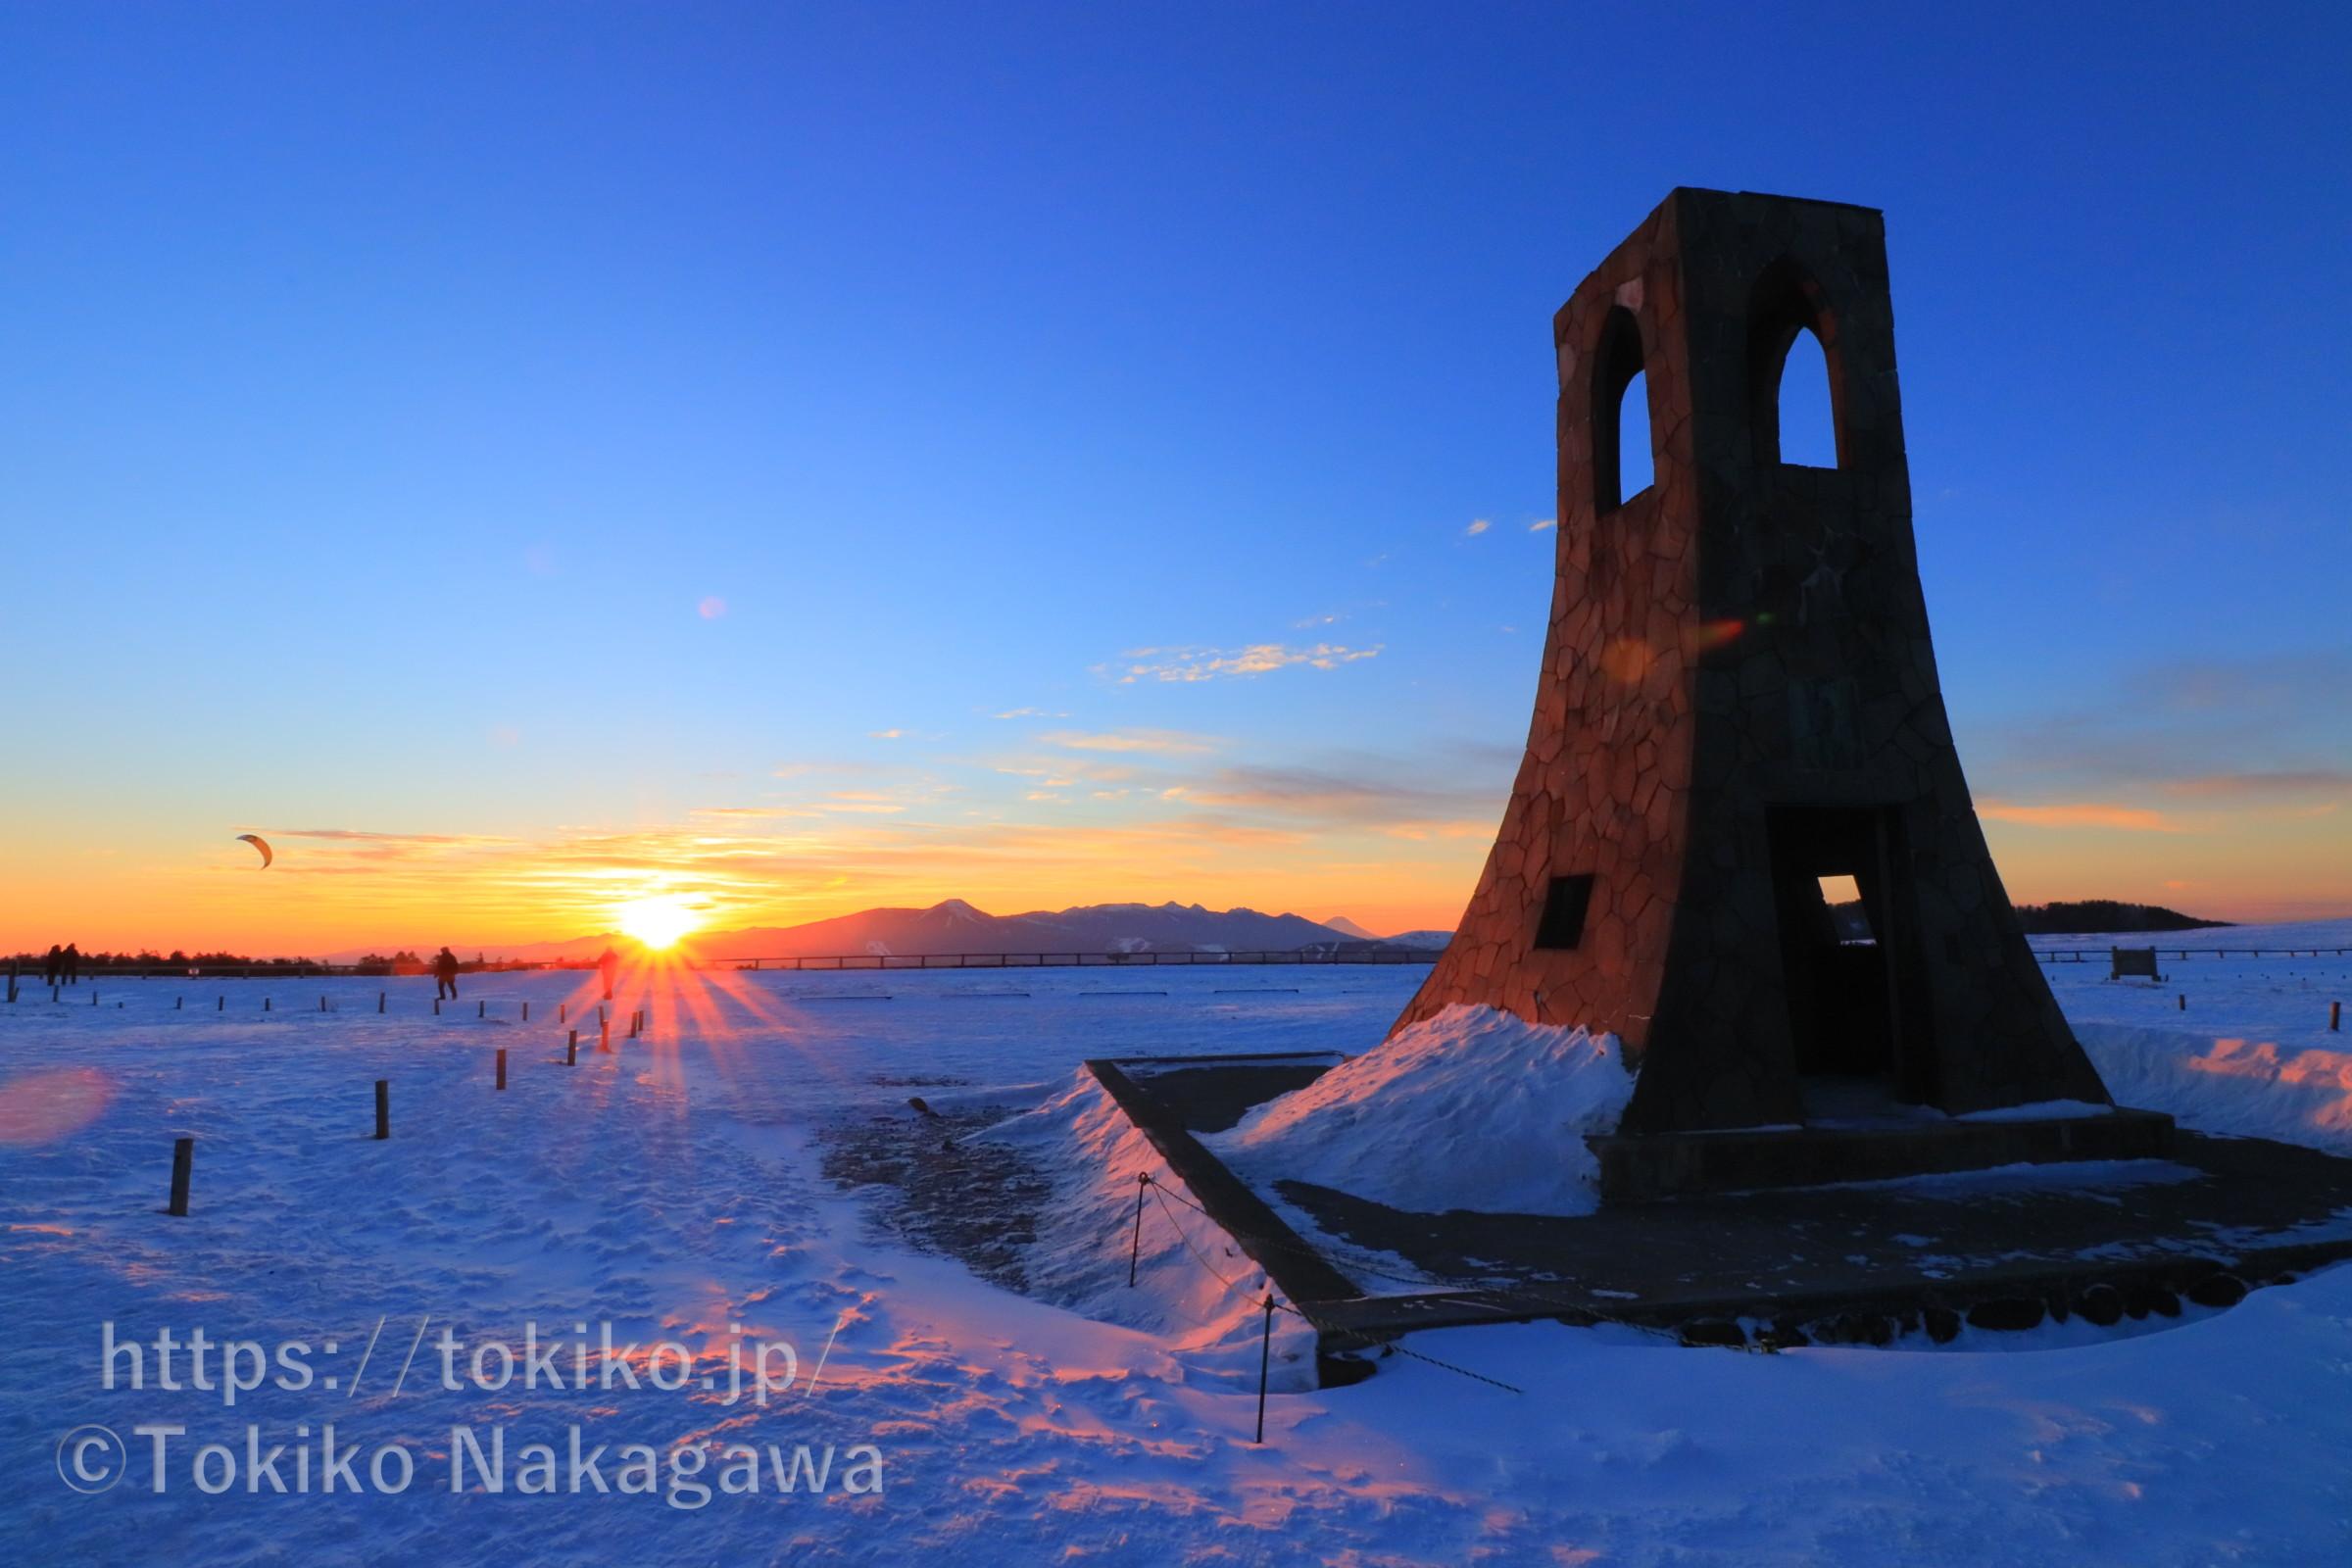 冬の美ヶ原高原|ご来光と日本アルプスの眺め